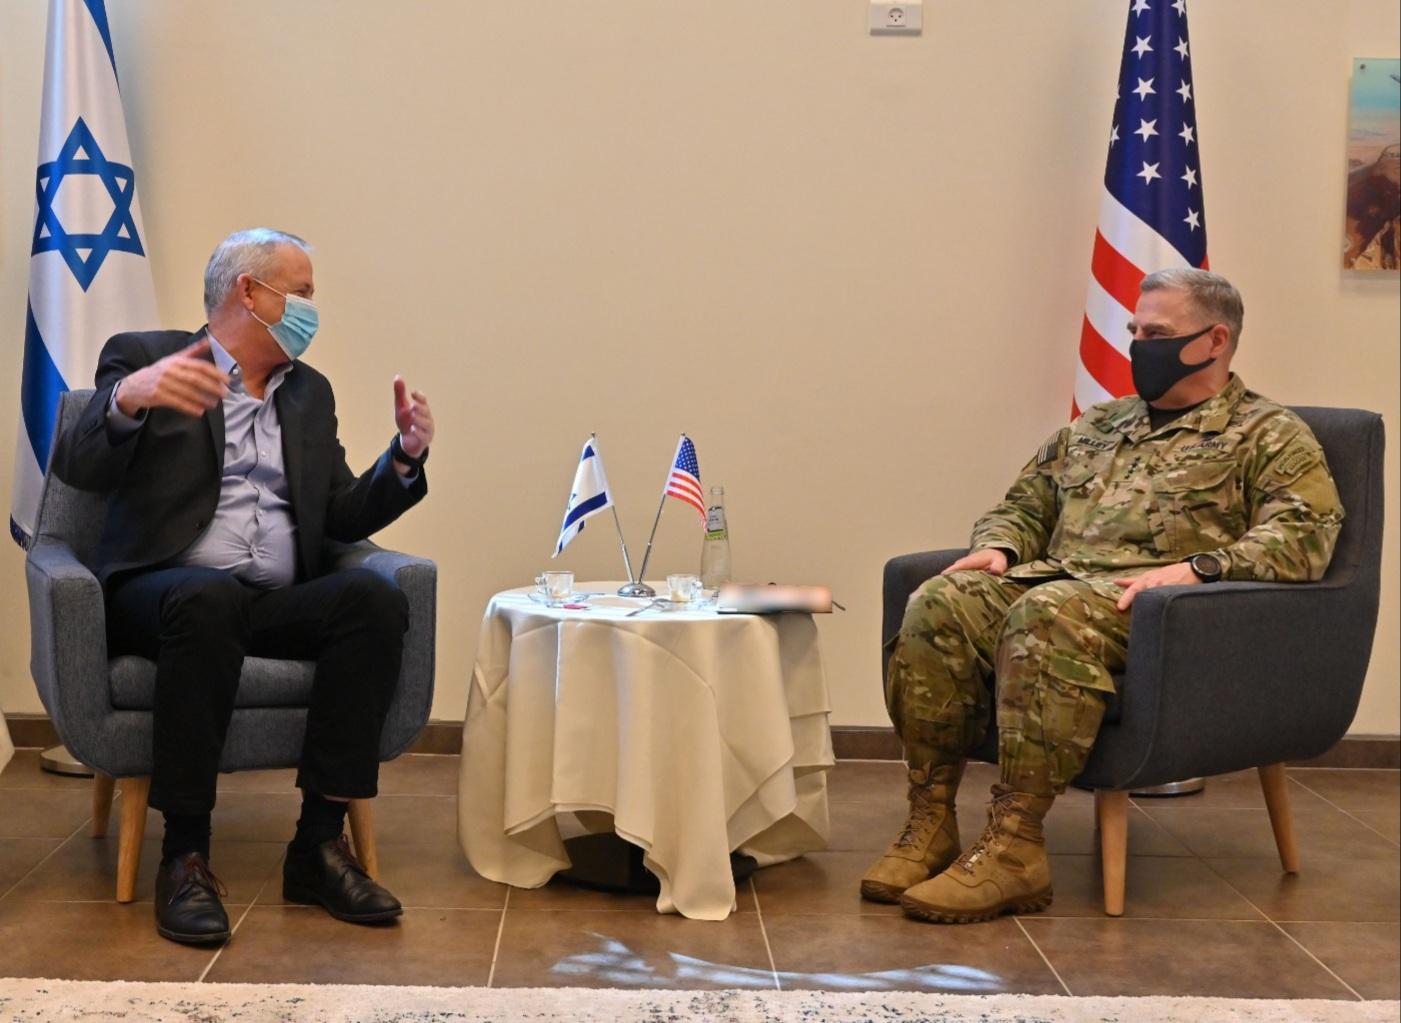 لماذا زار قائد الجيش الأميركي إسرائيل مؤخراً؟